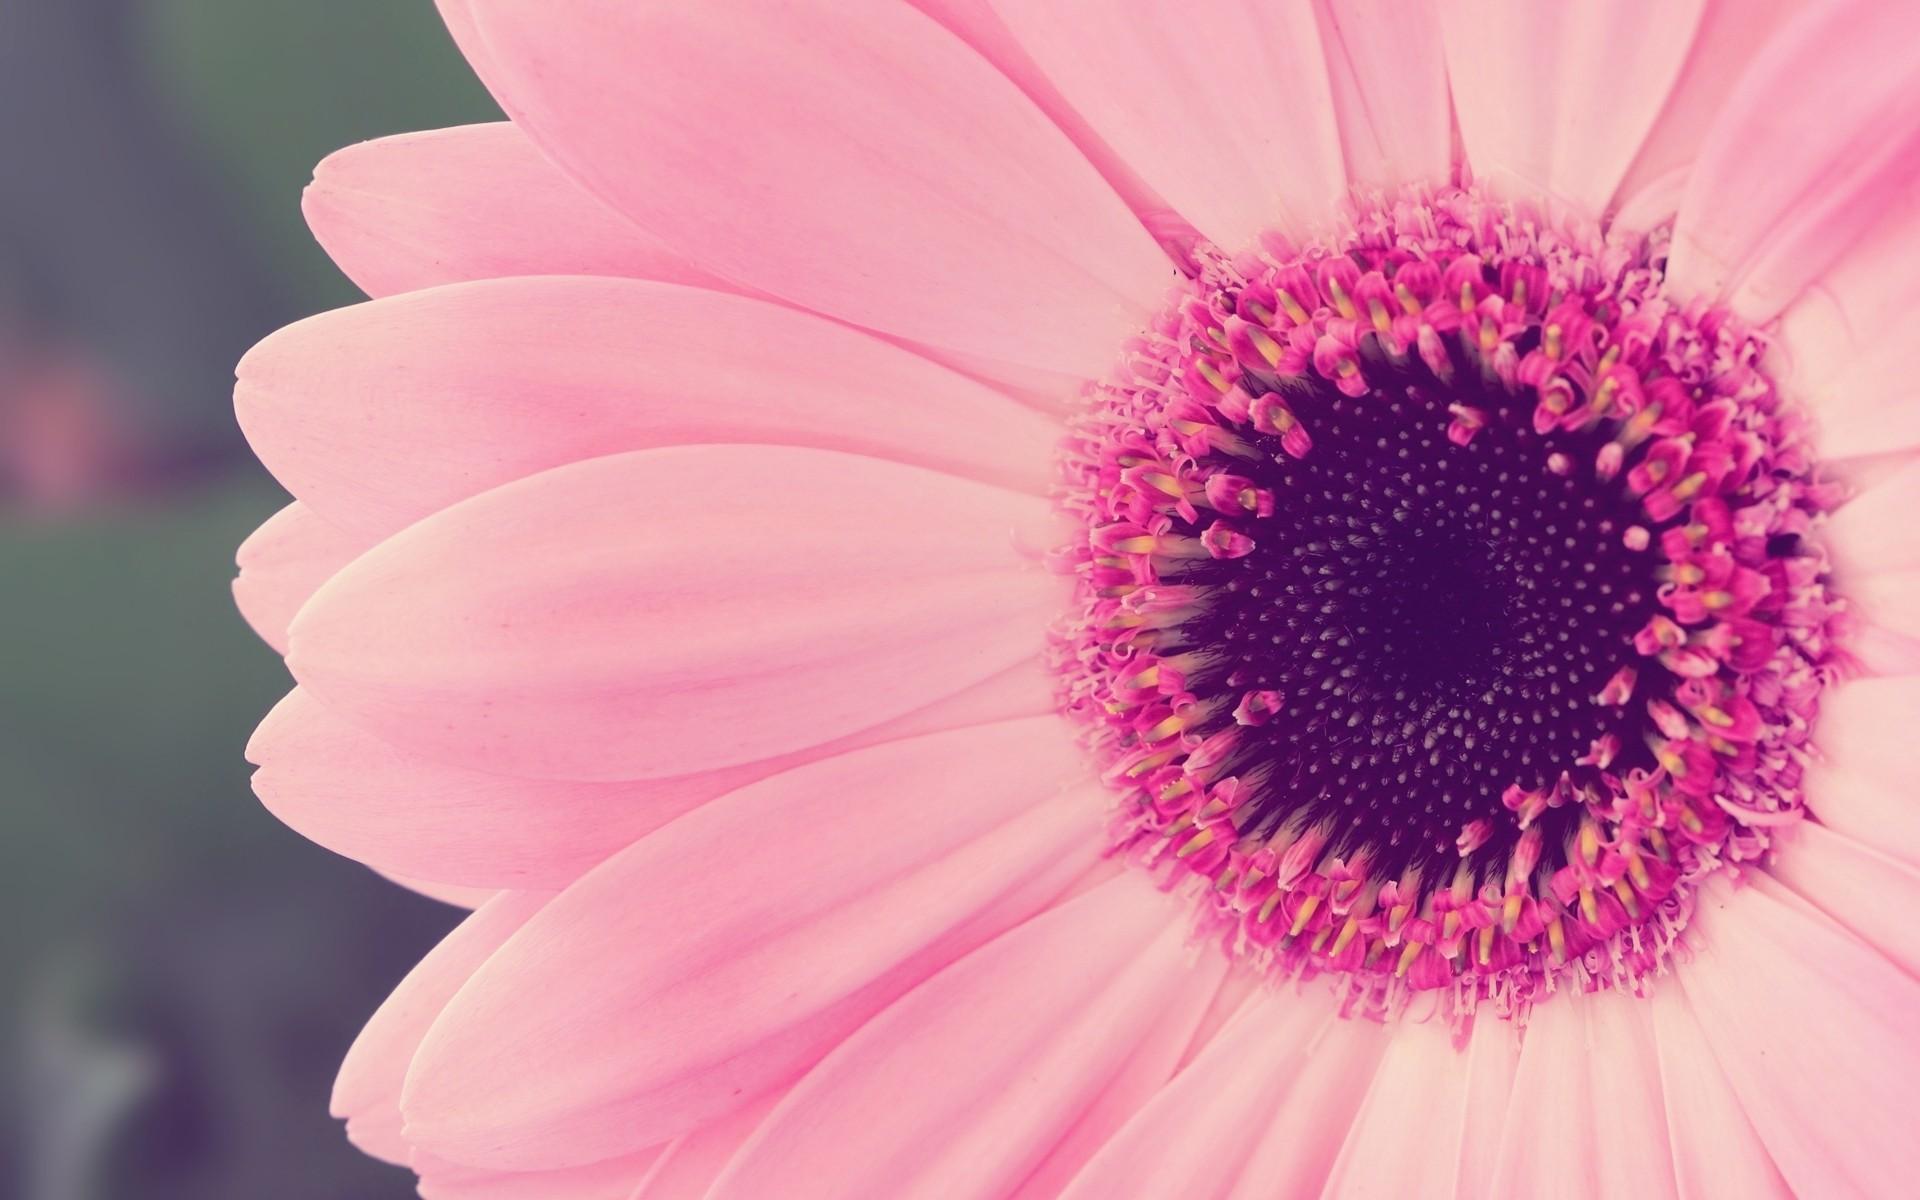 pink and black backgrounds for desktop 58 images